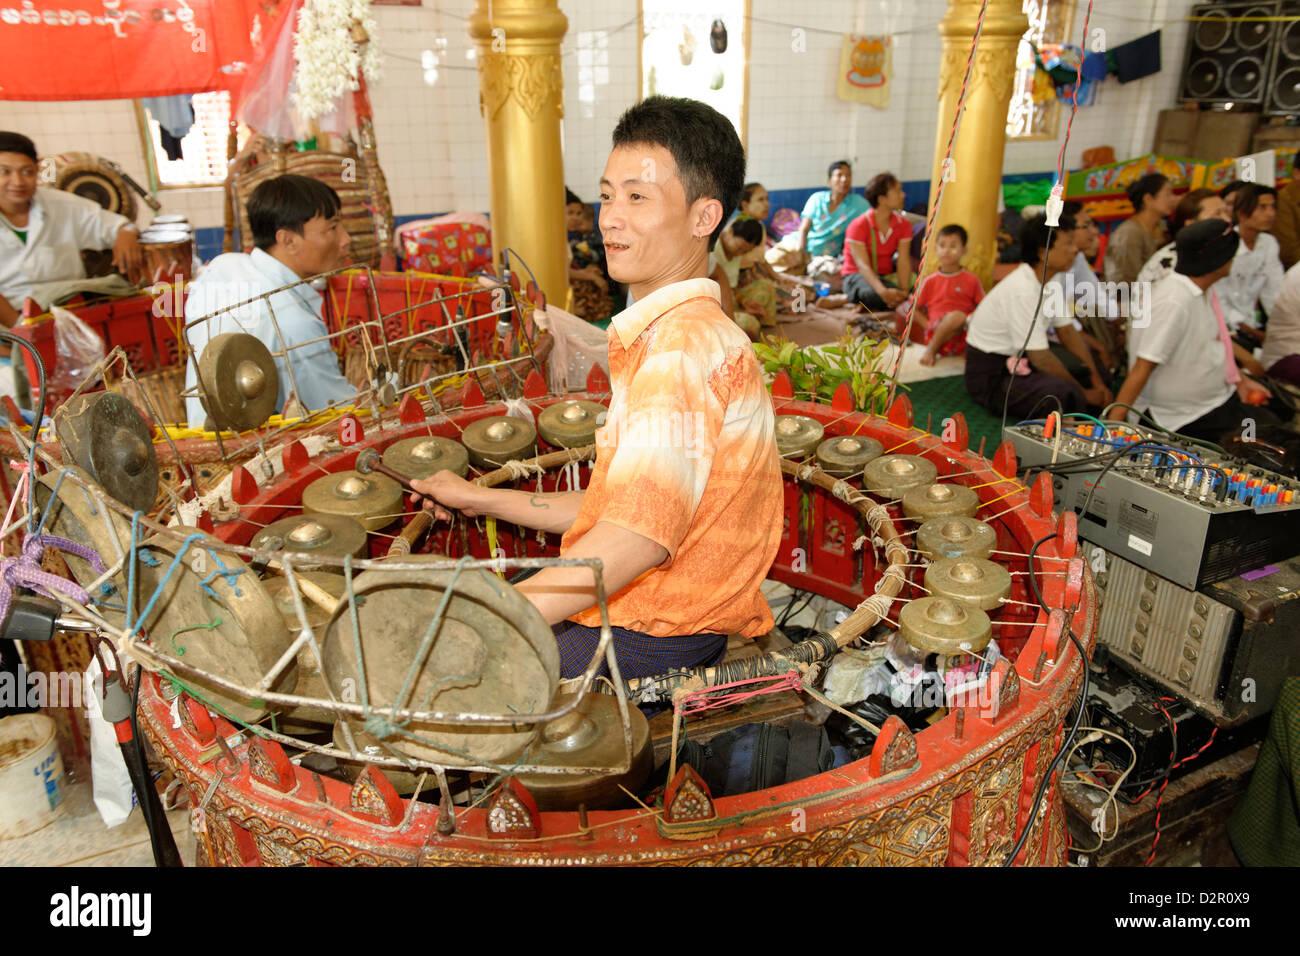 Die Hsaing-Waing, ein traditionelles birmanischen folk musikalisches Ensemble, Festival der Ko Myo Shin, Pyin U Stockbild